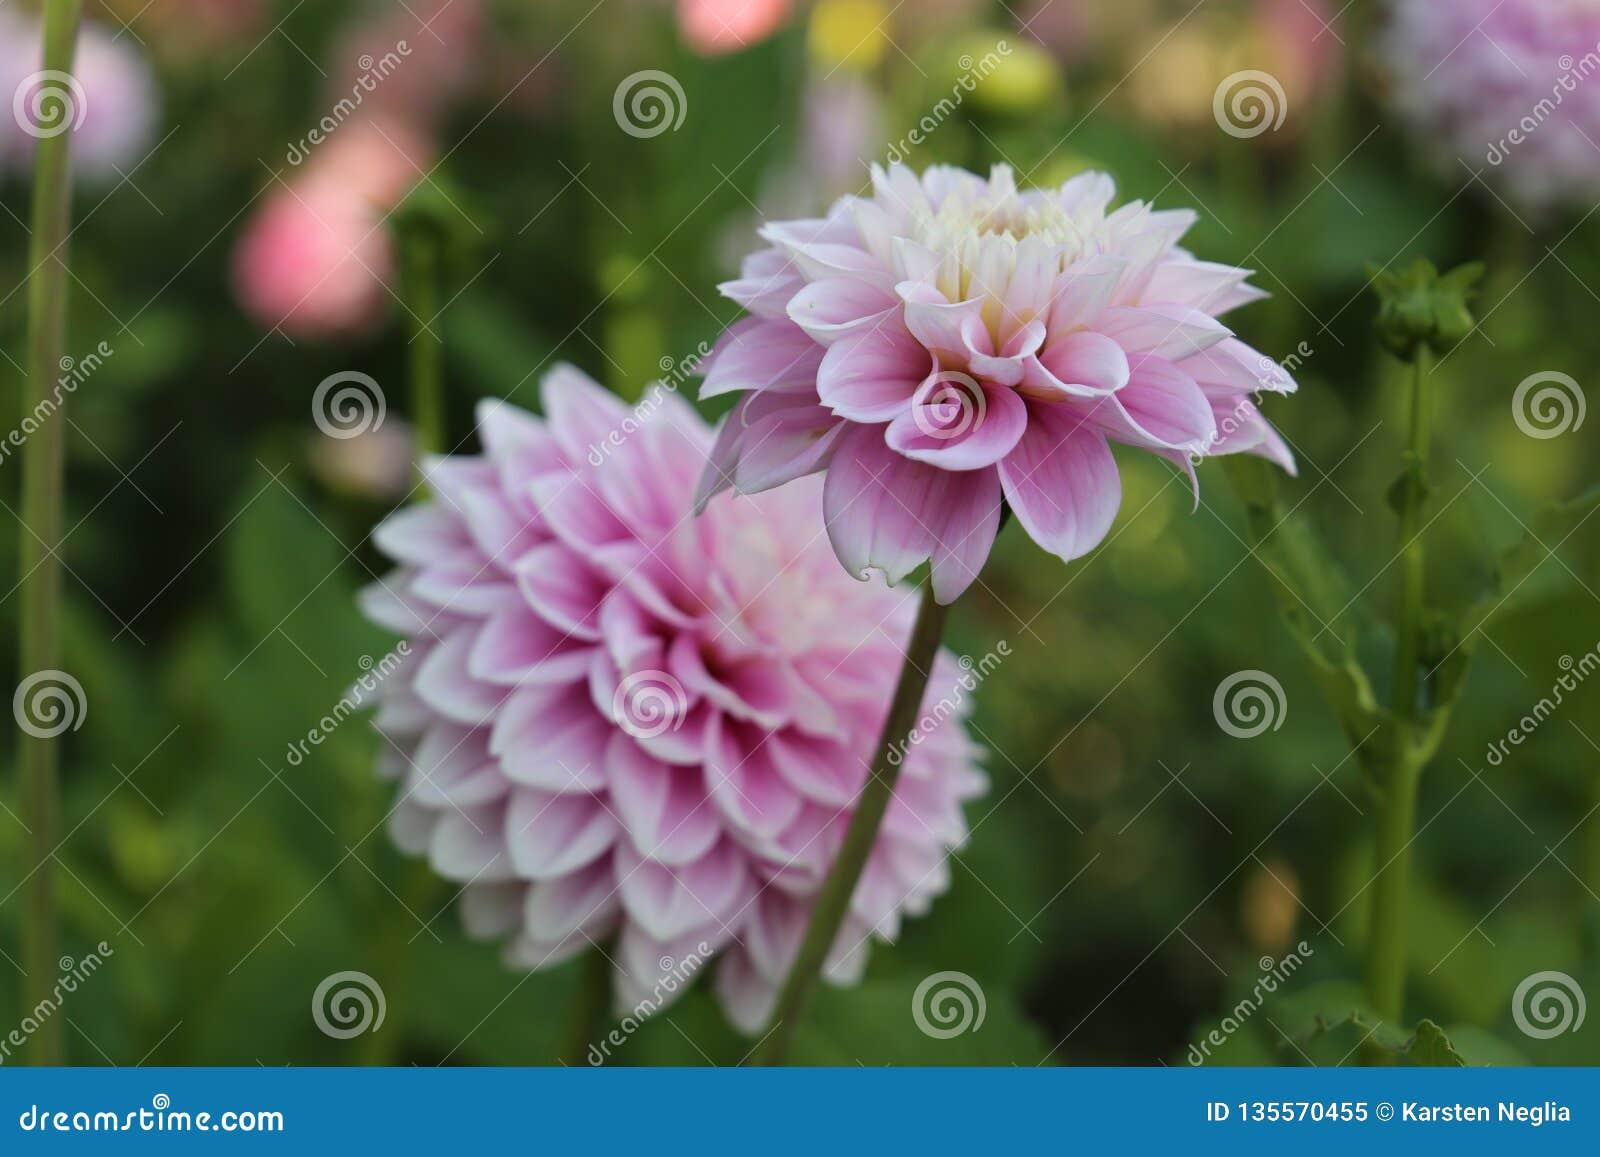 Το ρόδινο και άσπρο άνθος νταλιών, όμορφες ανθίσεις λαμπρύνει τους κήπους